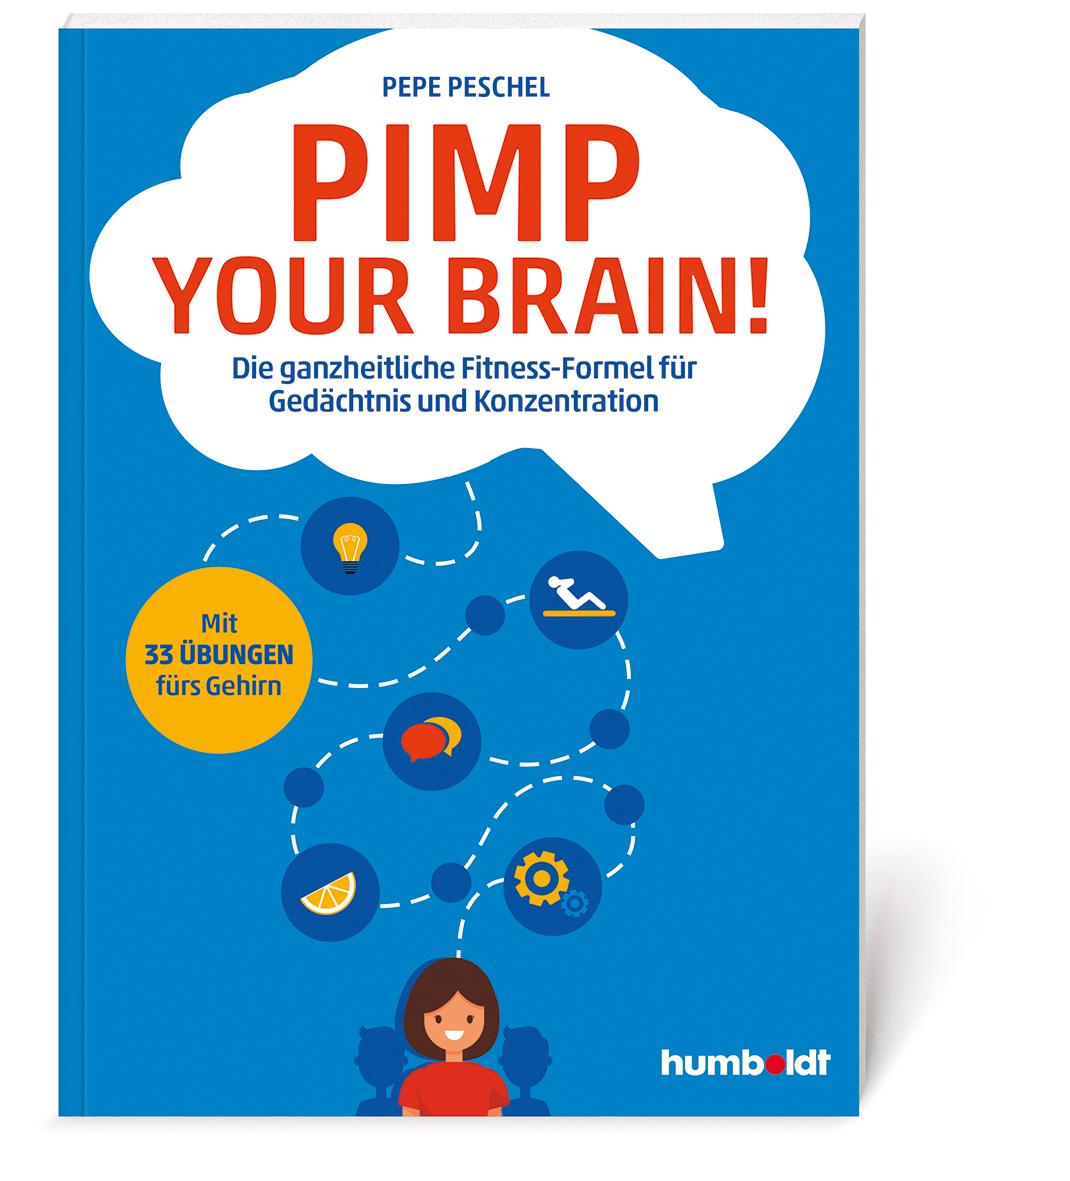 Pimp your Brain! Die ganzheitliche Fitness-Formel für Gedächtnis und Konzentration. Mit 33 Übungen fürs Gehirn